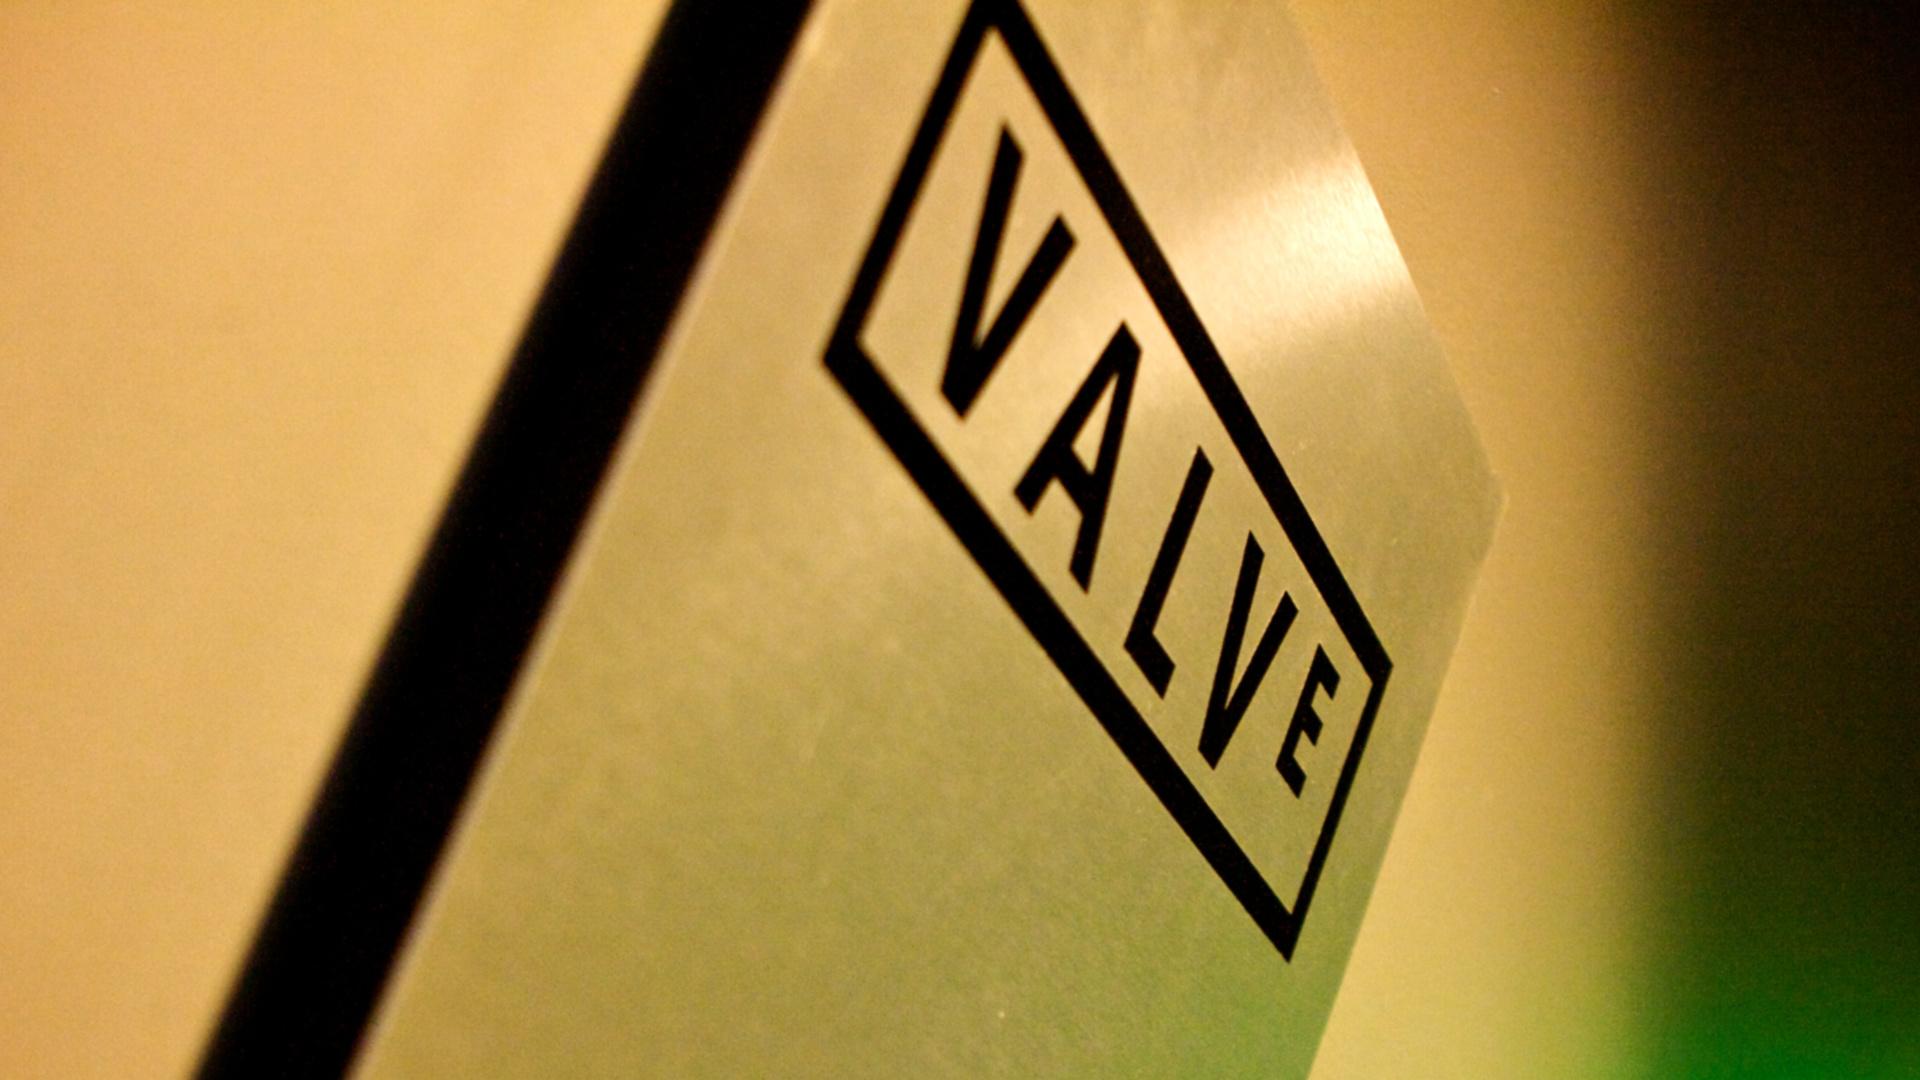 Au fait, pourquoi Valve s'appelle Valve?